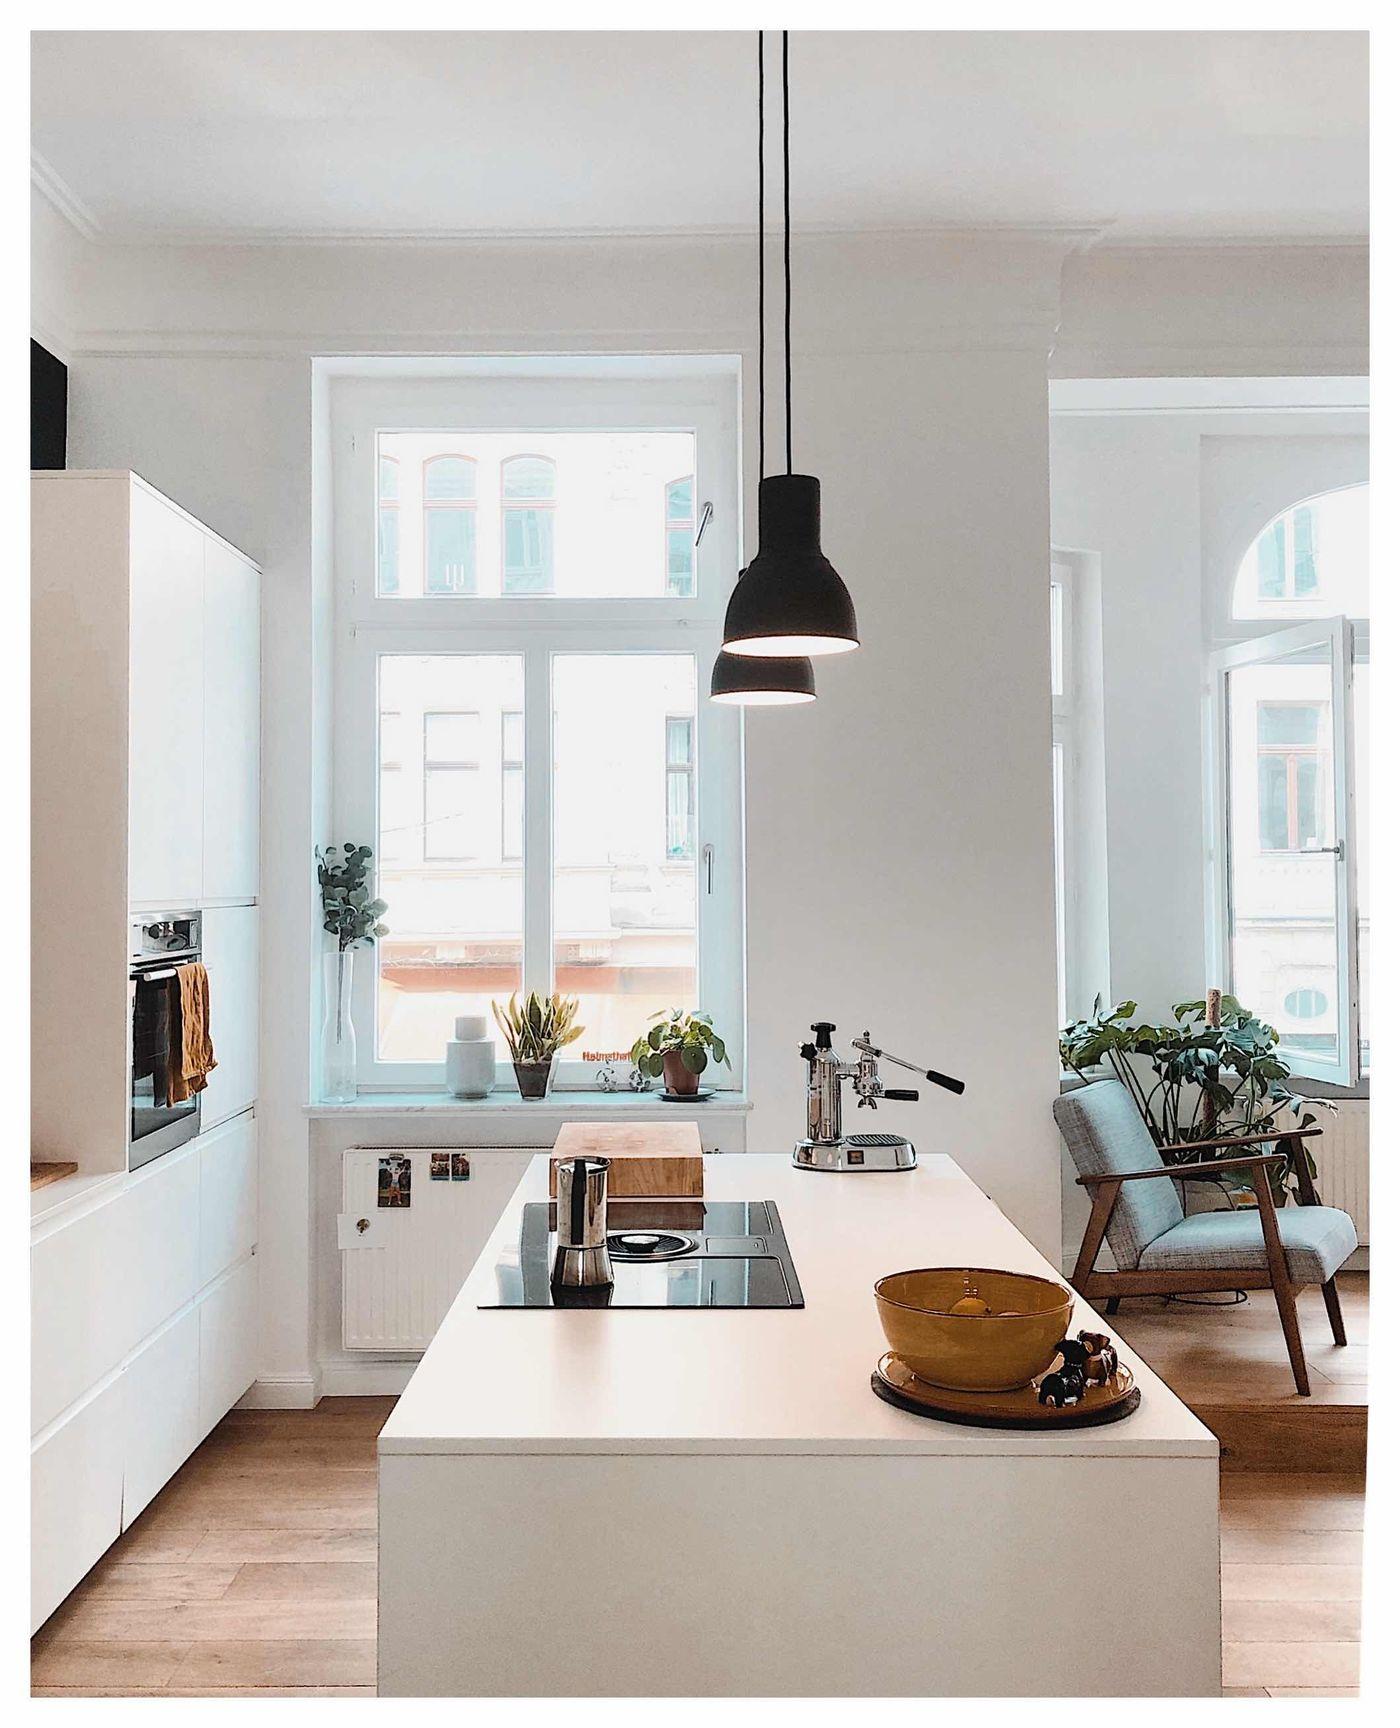 Full Size of Küche Ikea Kchen Tolle Tipps Und Ideen Fr Kchenplanung Wanduhr Einlegeböden Rustikal Pino Einhebelmischer Einbauküche Selber Bauen Kaufen Weiße Wasserhahn Wohnzimmer Küche Ikea